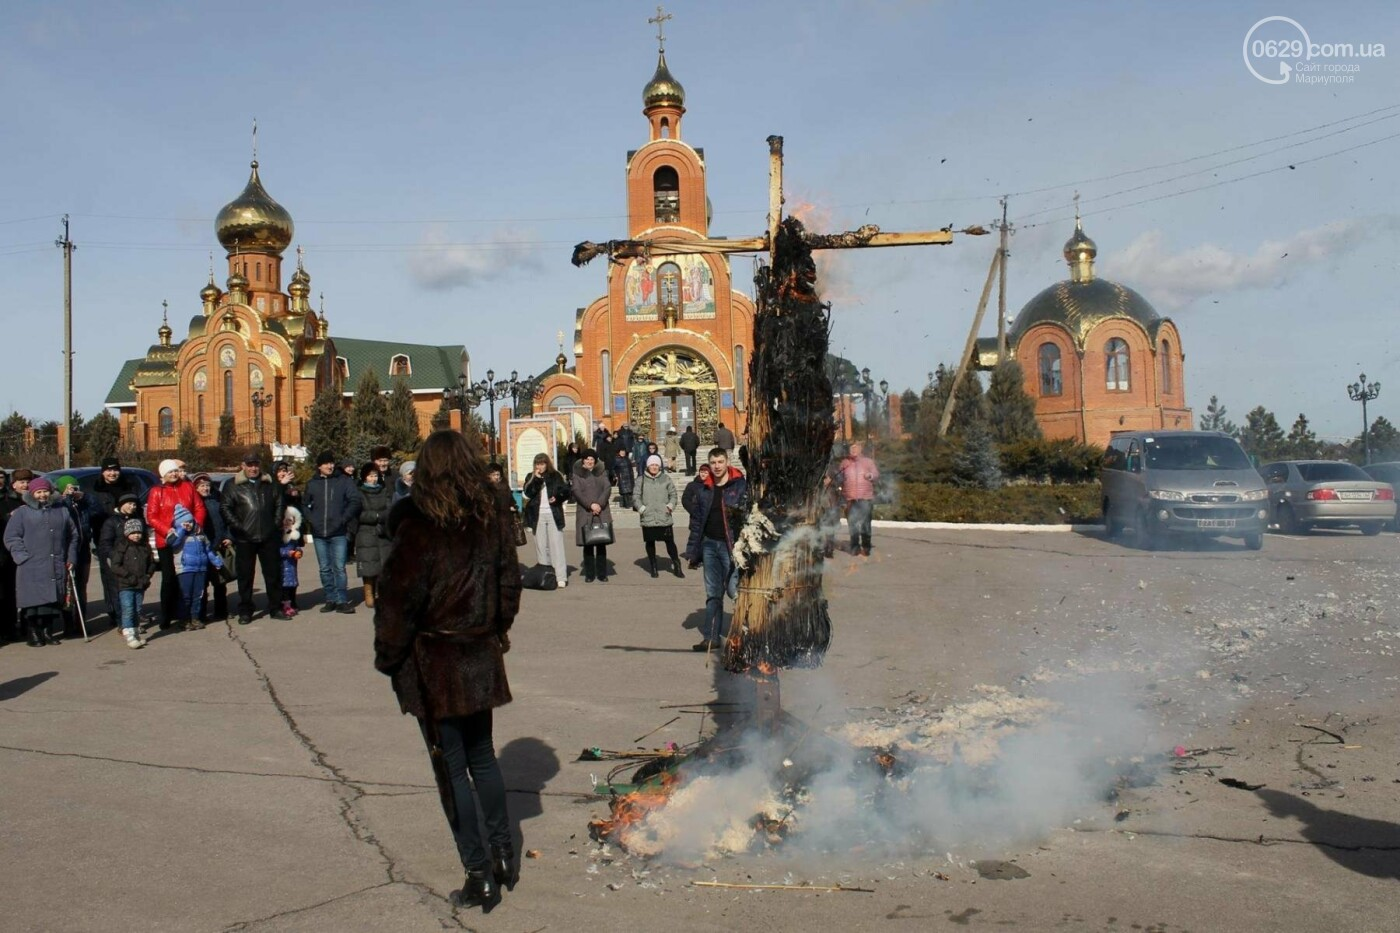 18 февраля в Боевом установят рекорд Украины по выпеканию блинов. Приглашаем на масштабный праздник Масленицы., фото-20